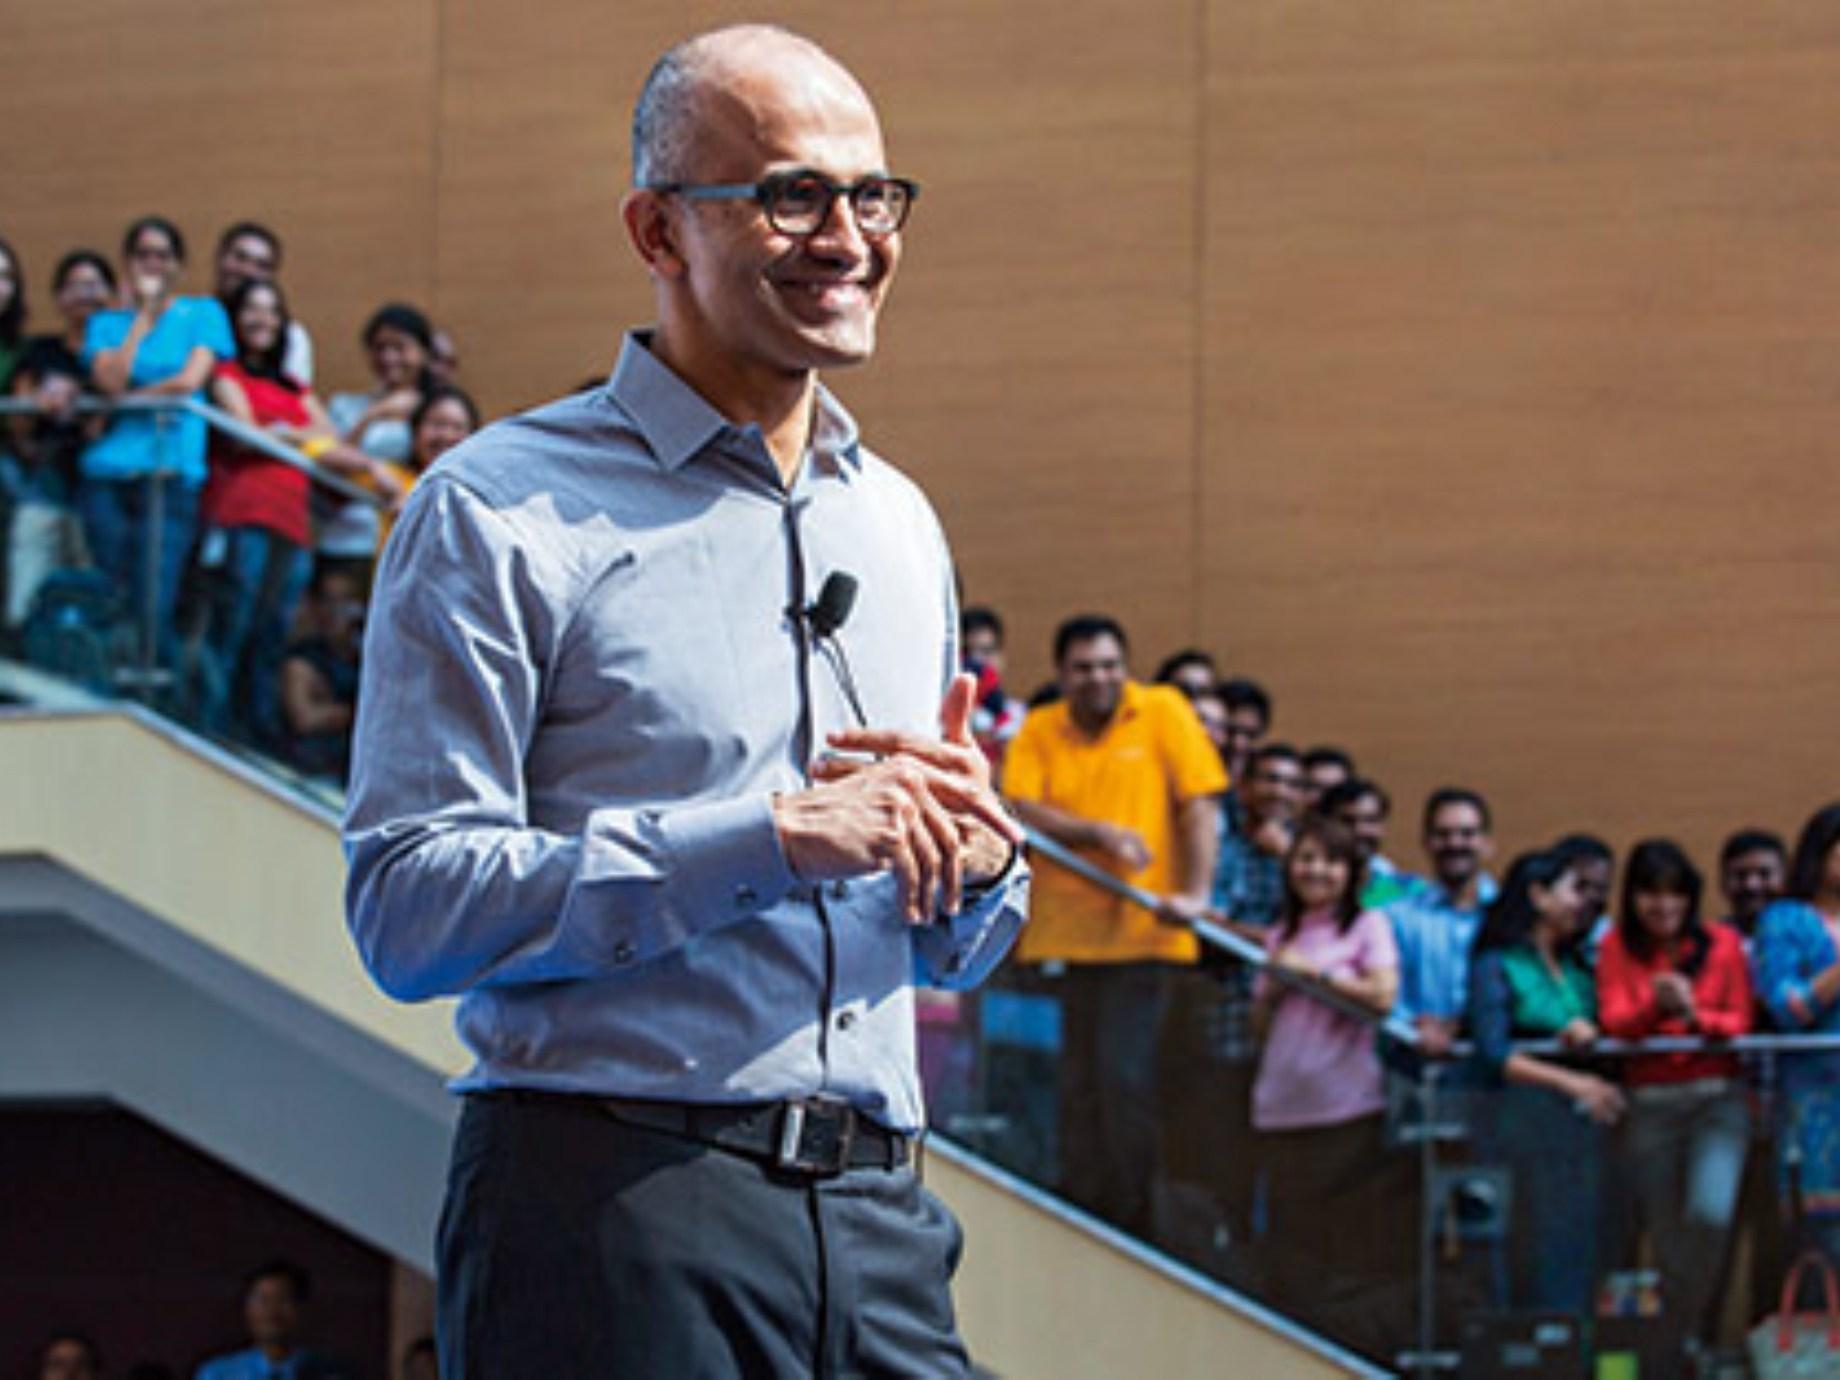 看準全球40億人行動商機!微軟印度掀數位革命